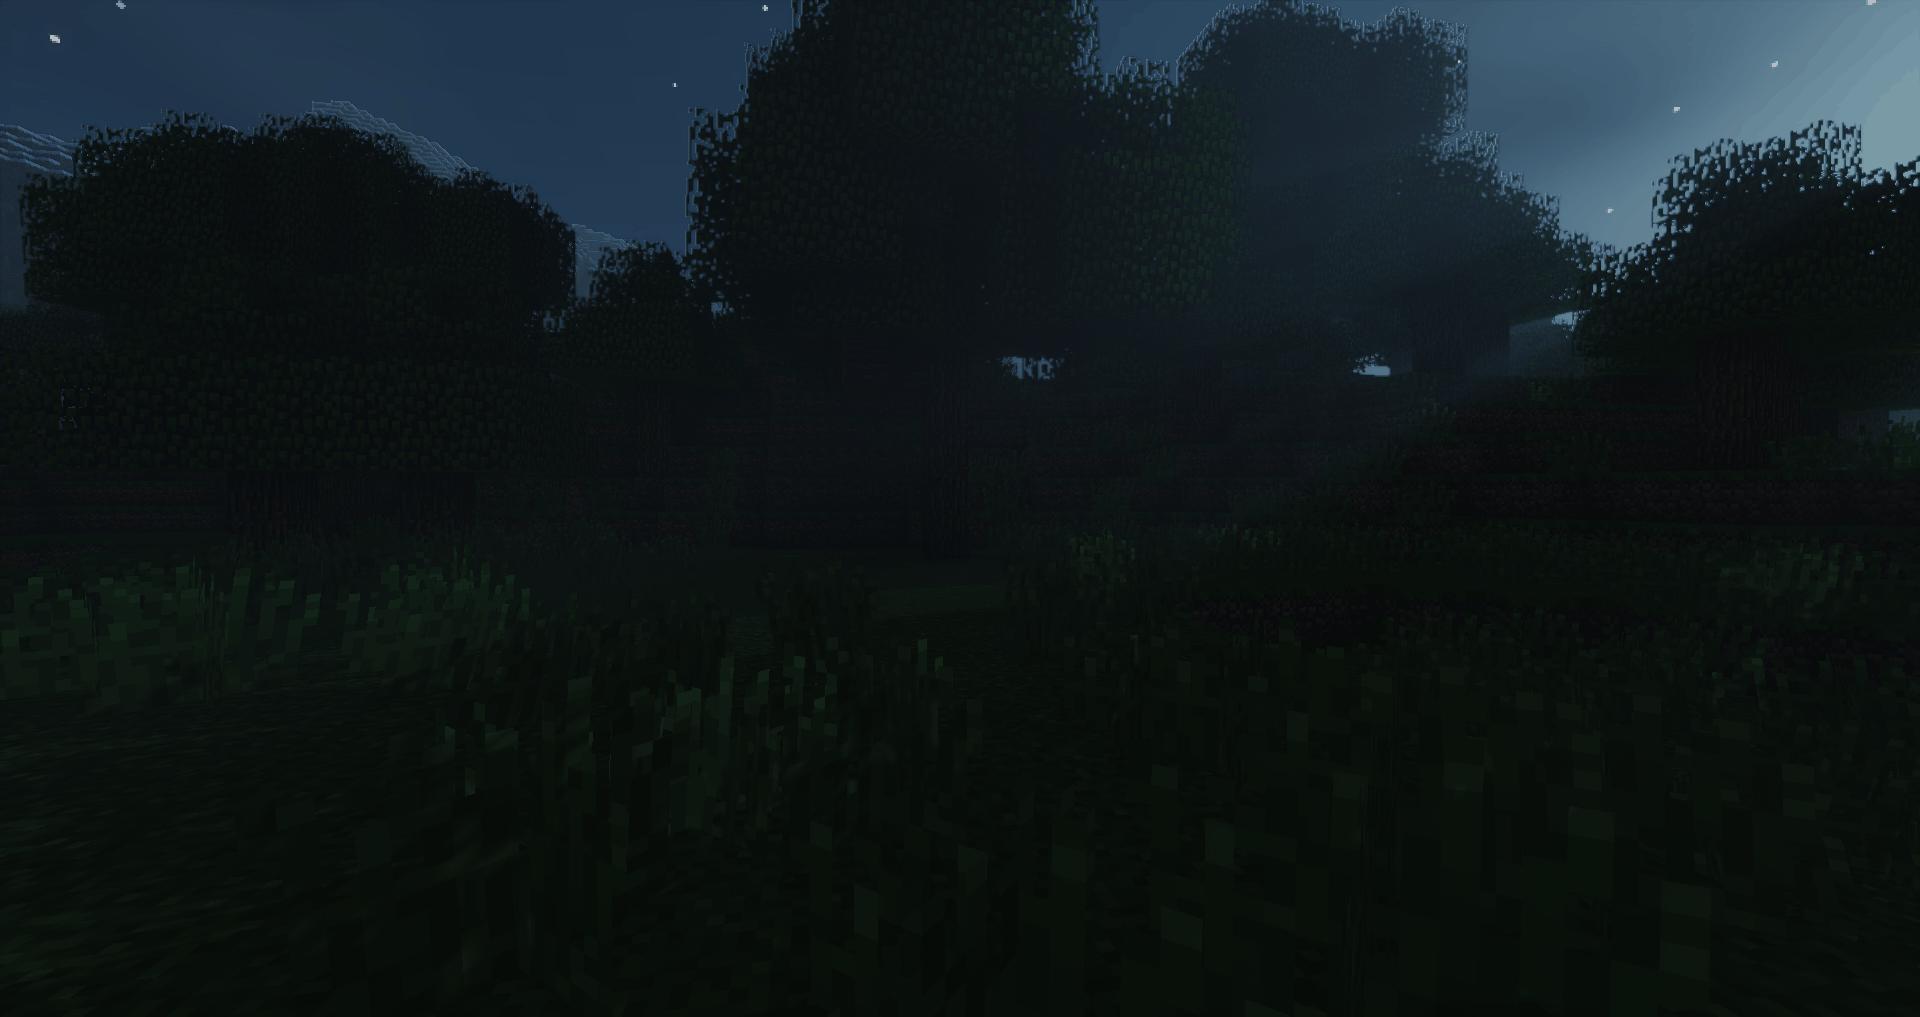 La nuit dans Minecraft avec le Sildur's Shaders